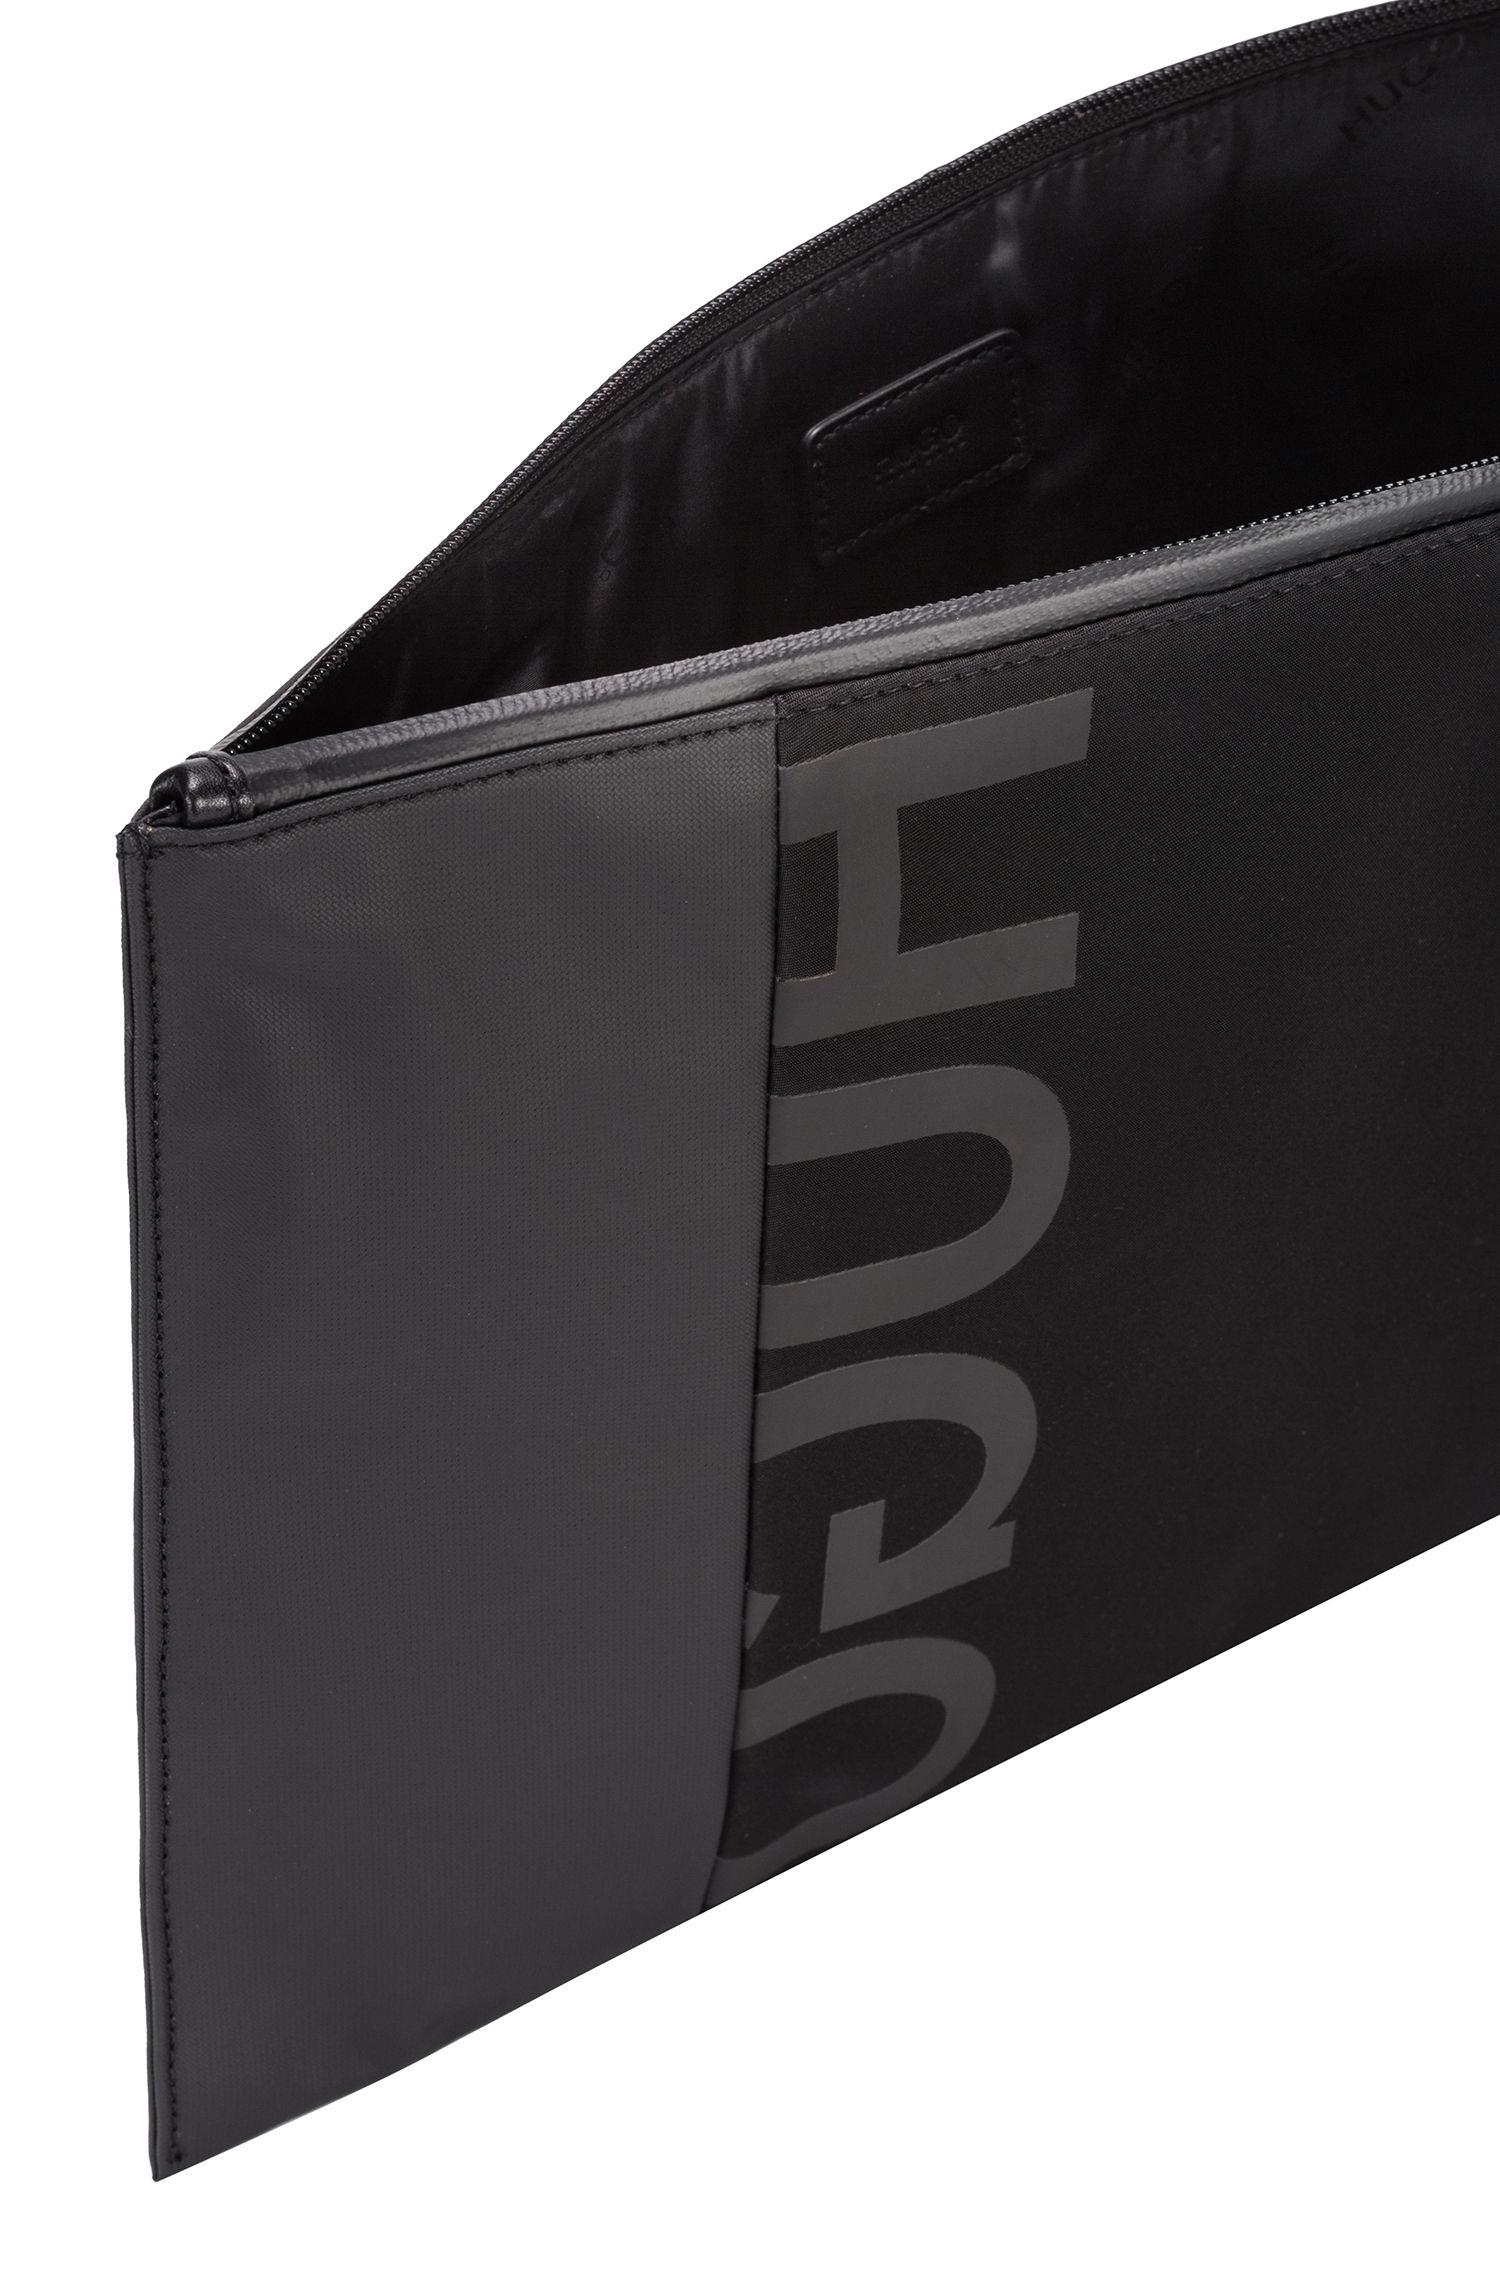 Étui porte-documents en gabardine à logo inversé et garnitures en métal couleur acier, Noir